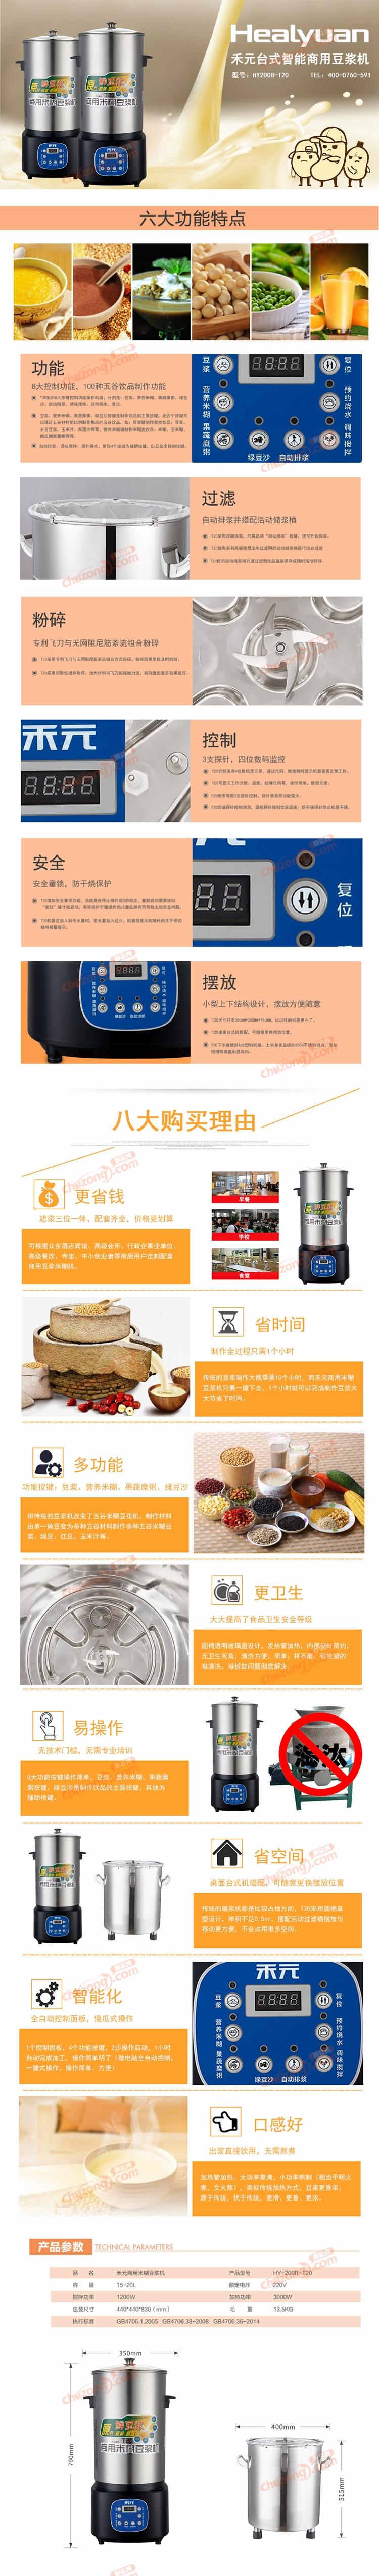 禾元台式商用豆浆机T20